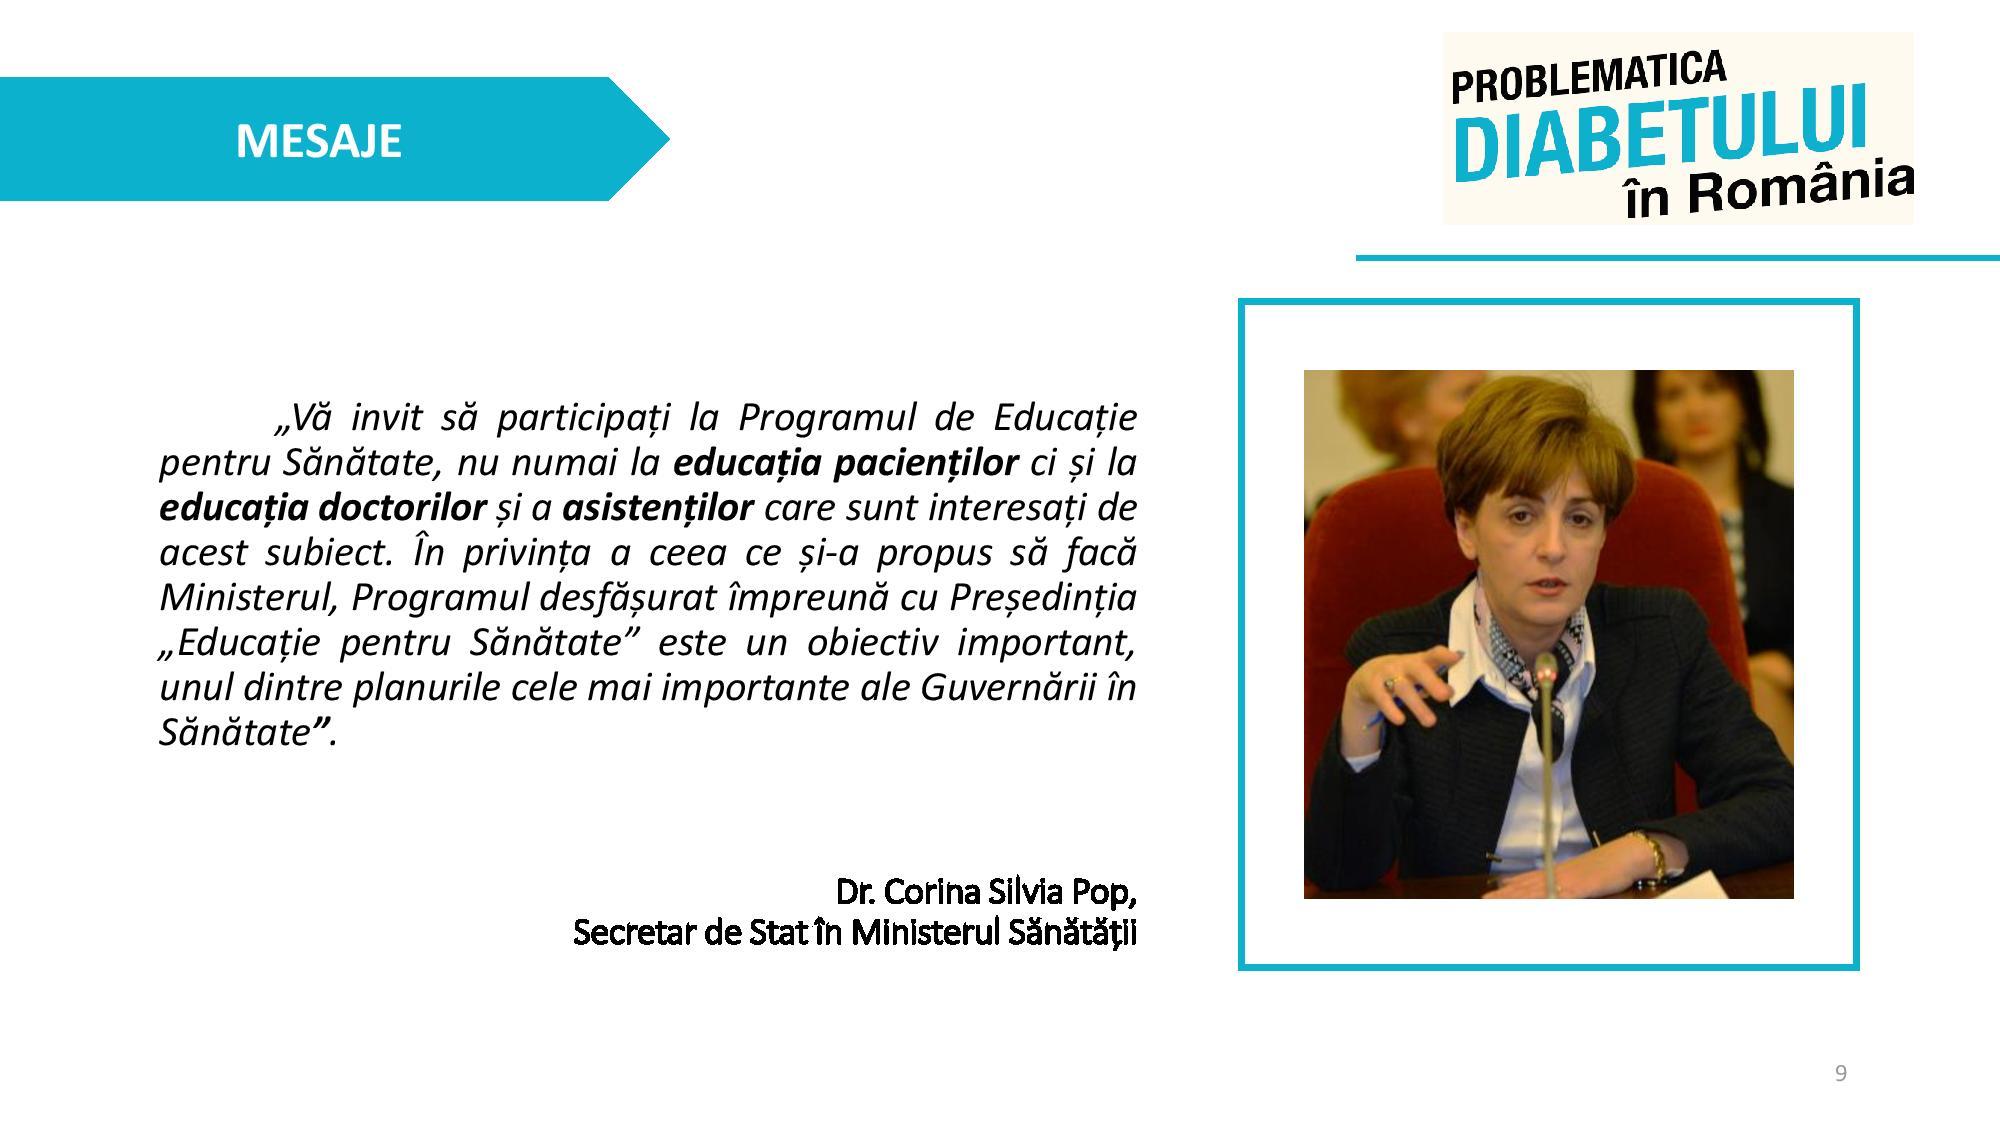 Problematica Diabetului in Romania 2016-page-009